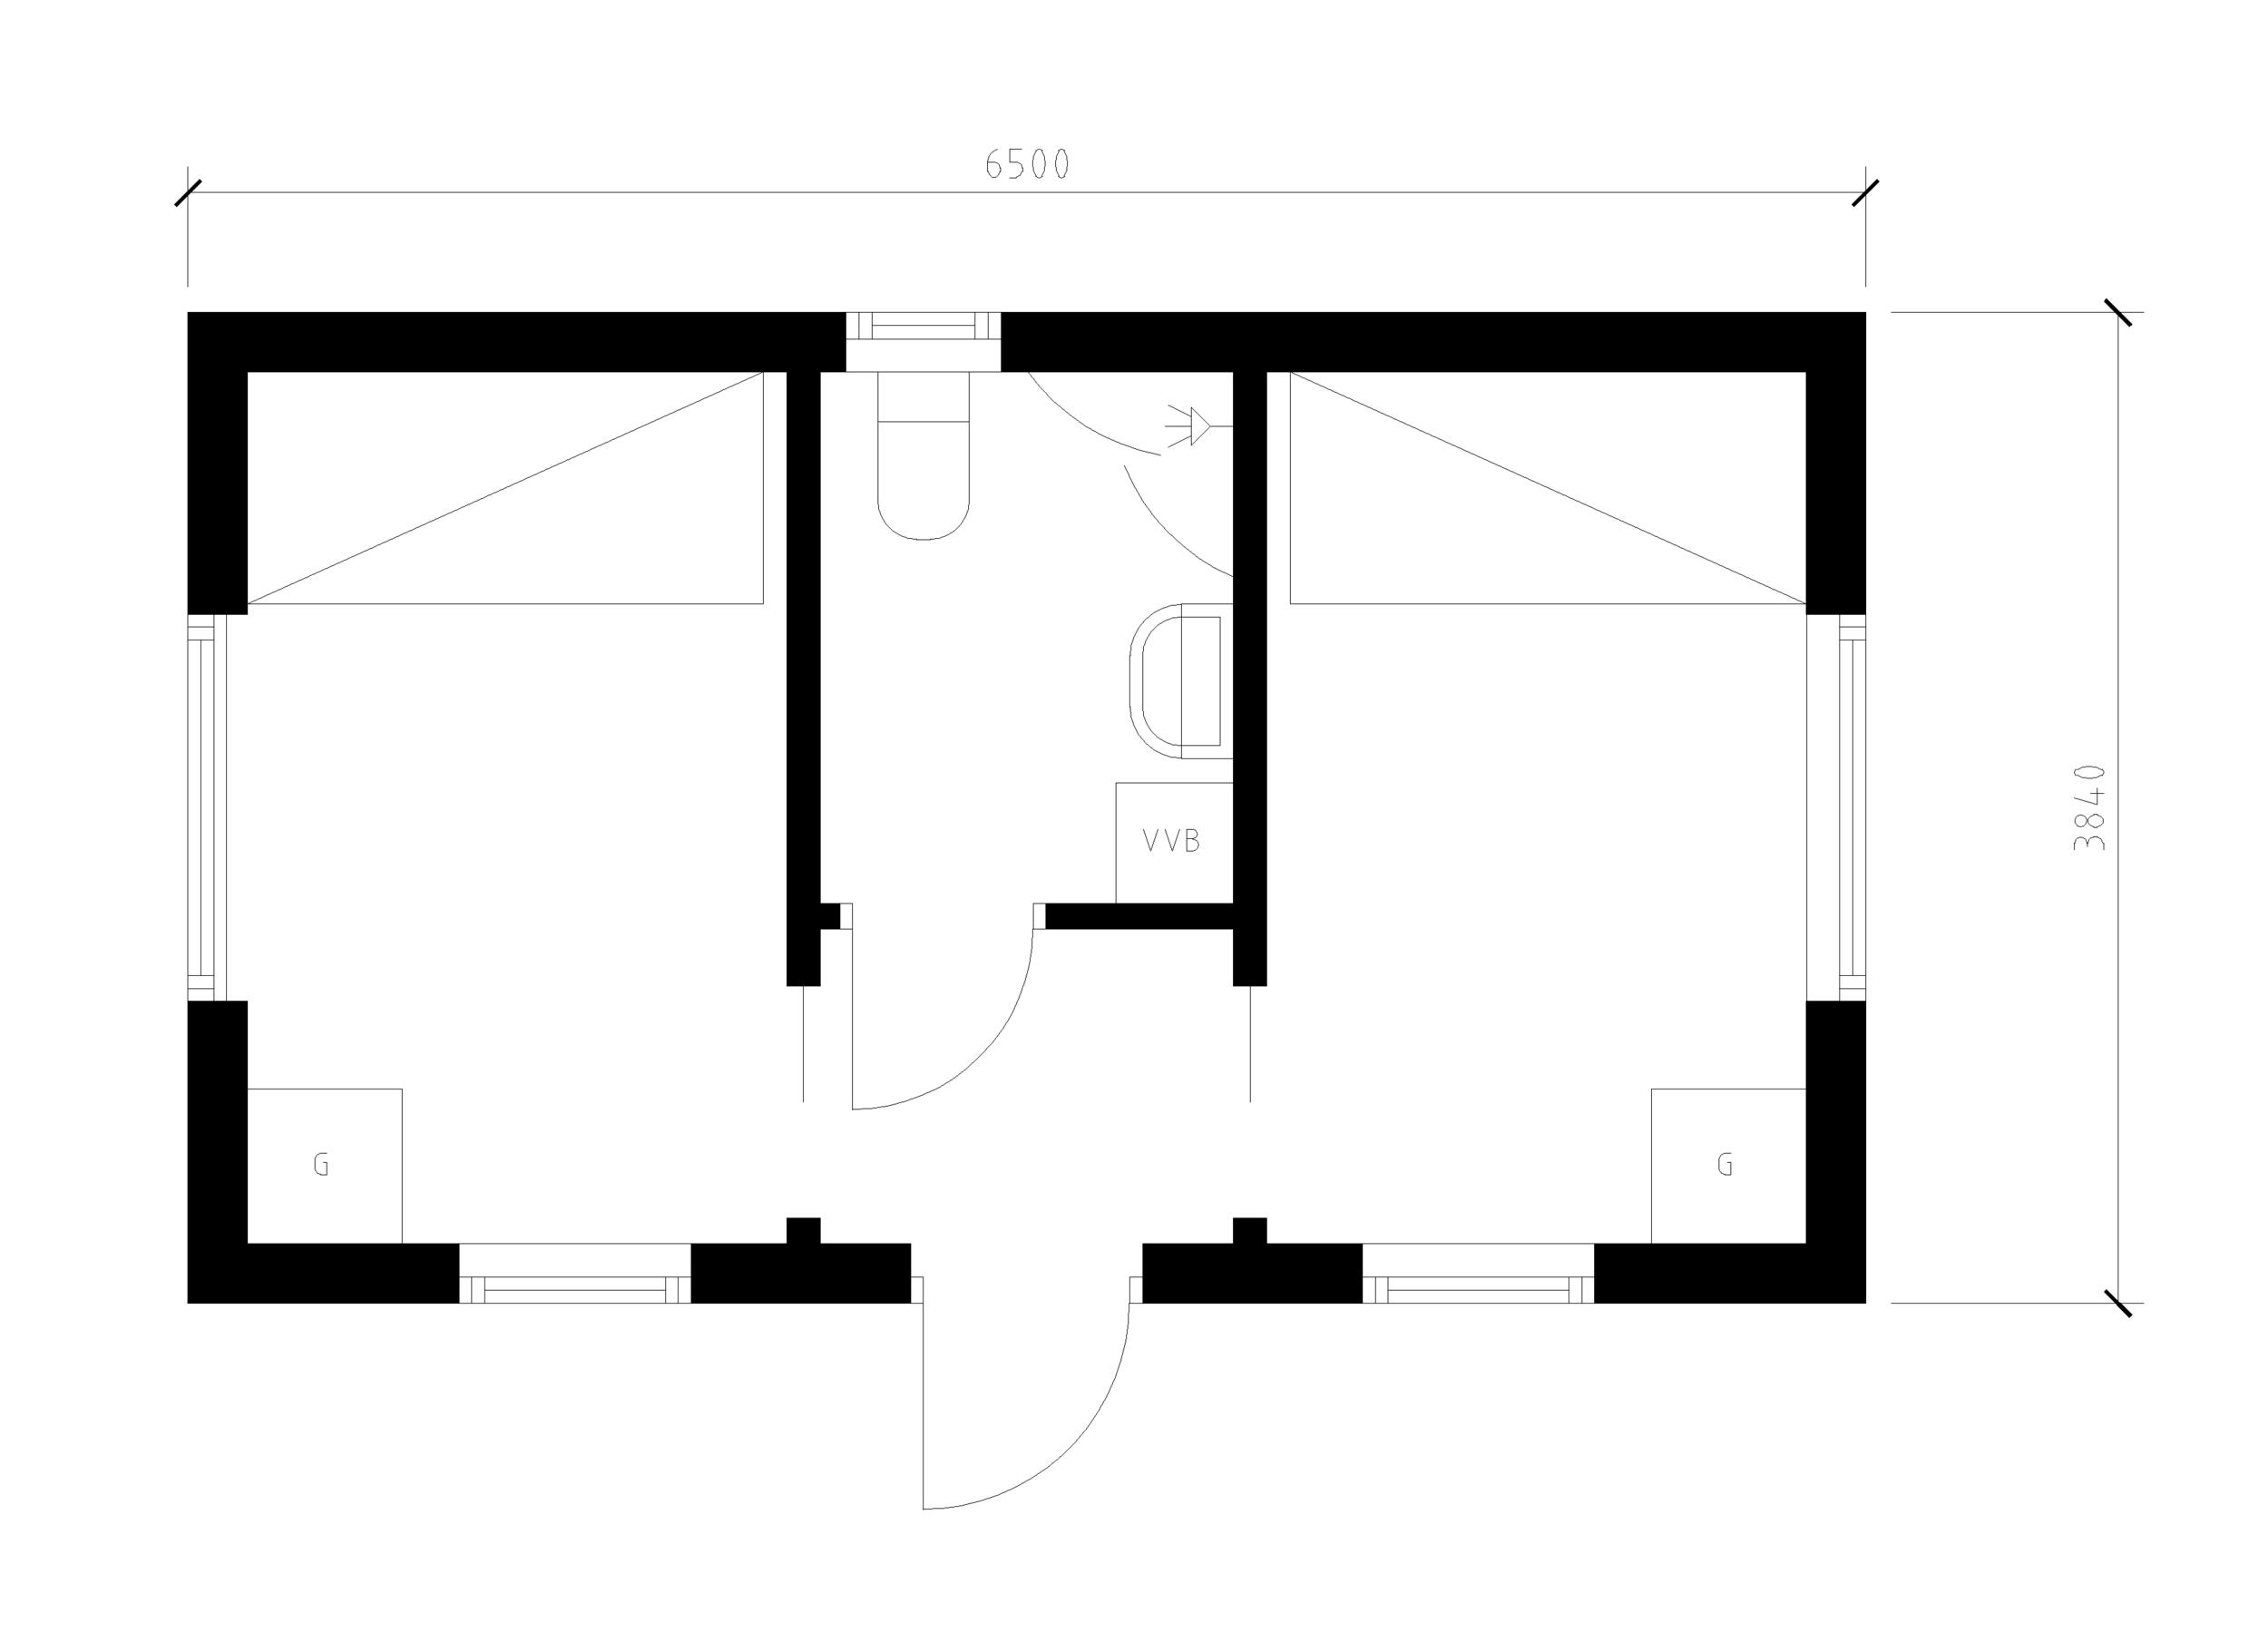 easy-house-attefallshus-åhus-25-dubbelt-sovrum-badrum